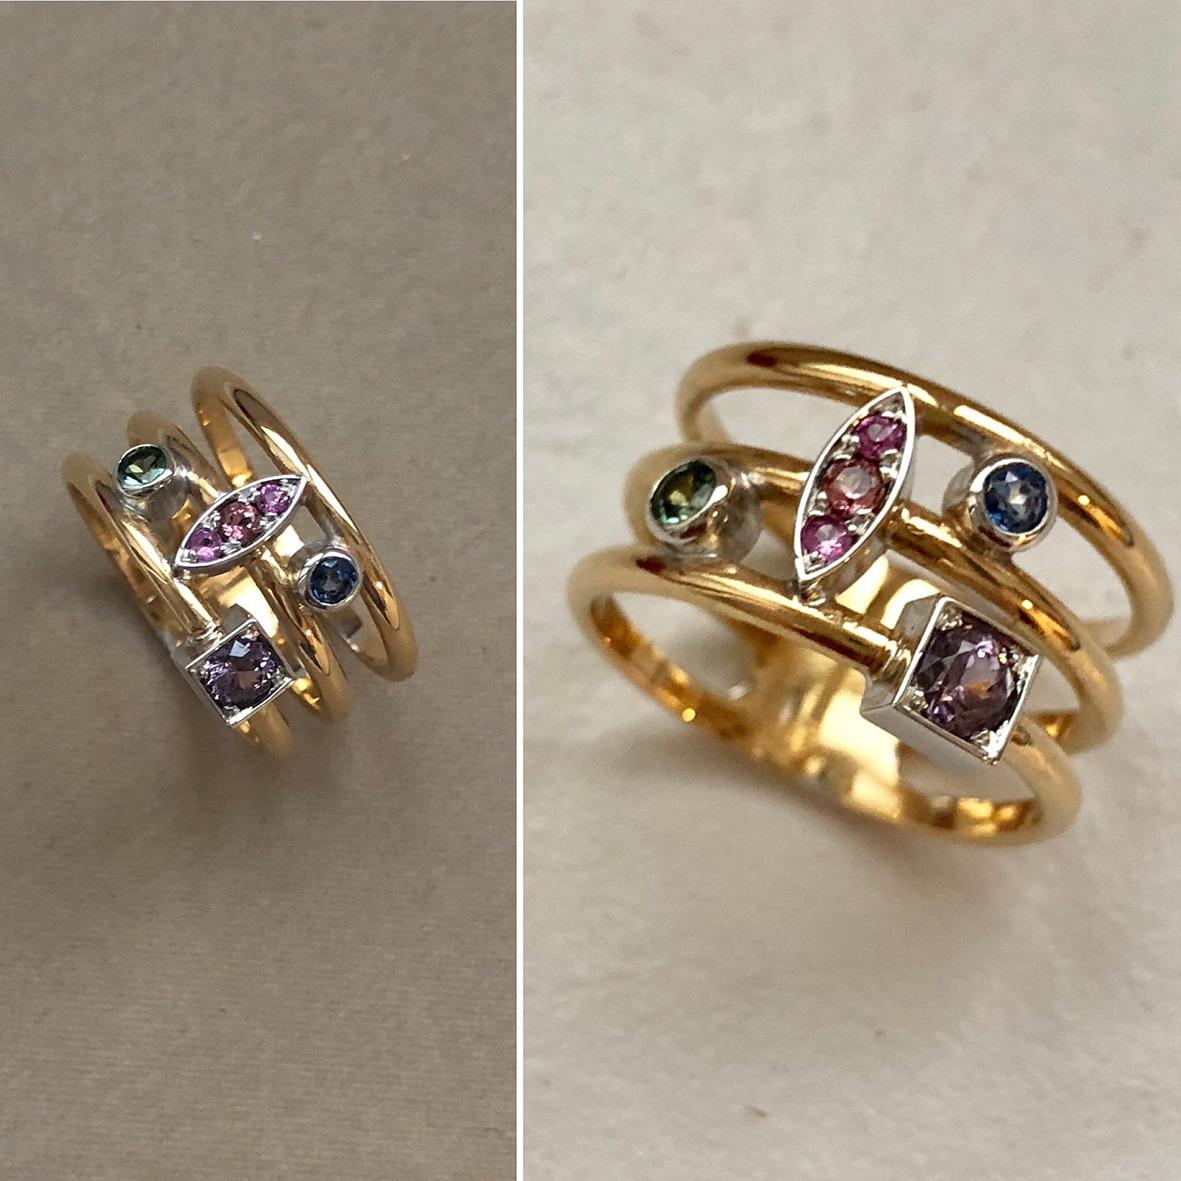 collection femme bague or jaune 18ct or gris 18ct forme géométriques saphirs tourmaline spinelle violet création sur mesure pièce unique